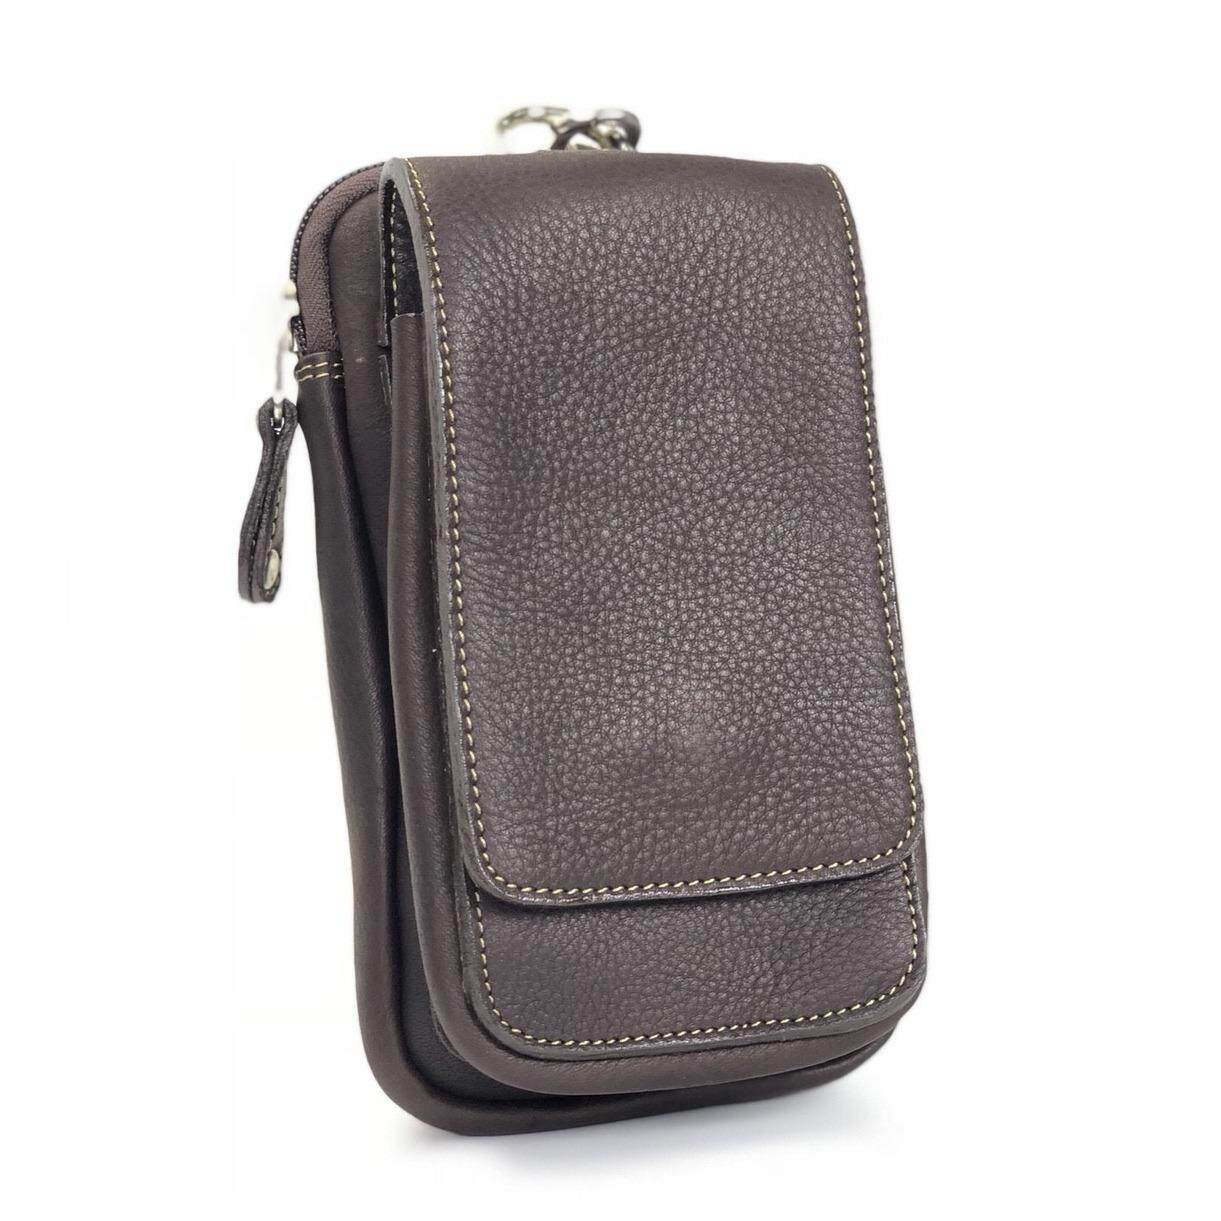 ขาย Chinatown Leather กระเป๋าหนังแท้ใส่มือถือร้อยเข็มขัด หนังชาร์มัวร์ สีน้ำตาล